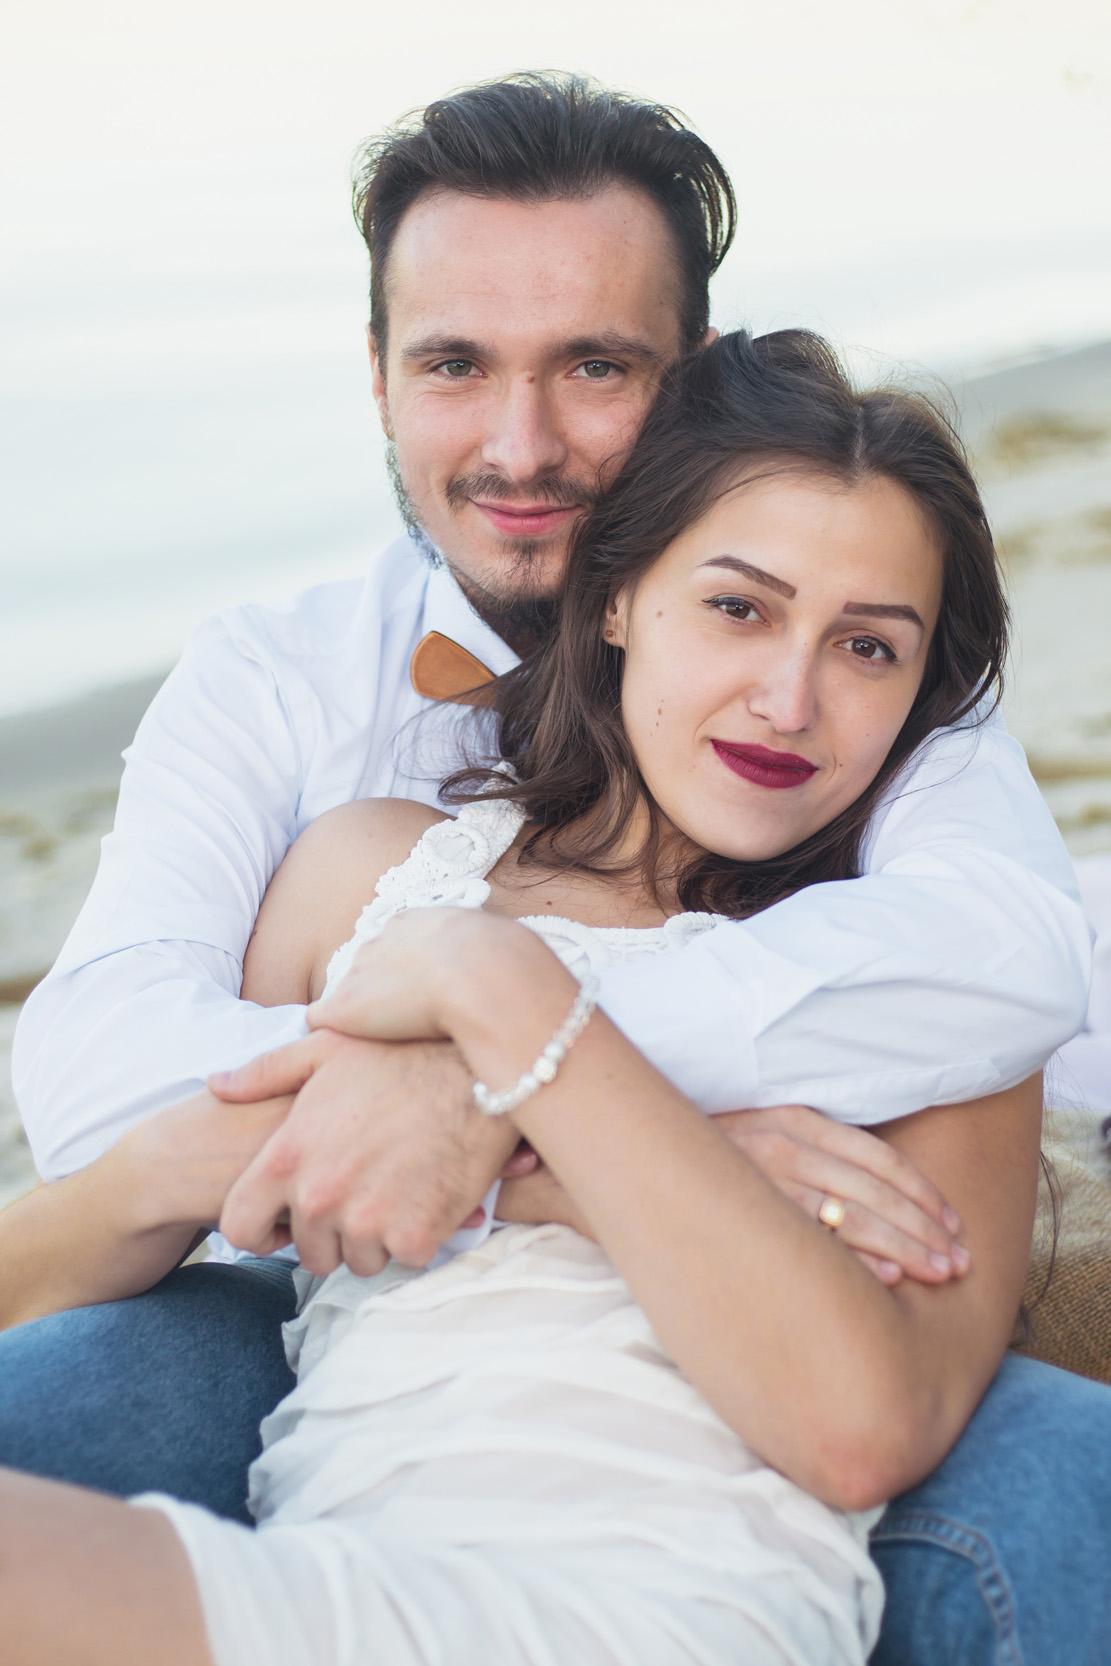 Портрет влюблённых, красивая пара